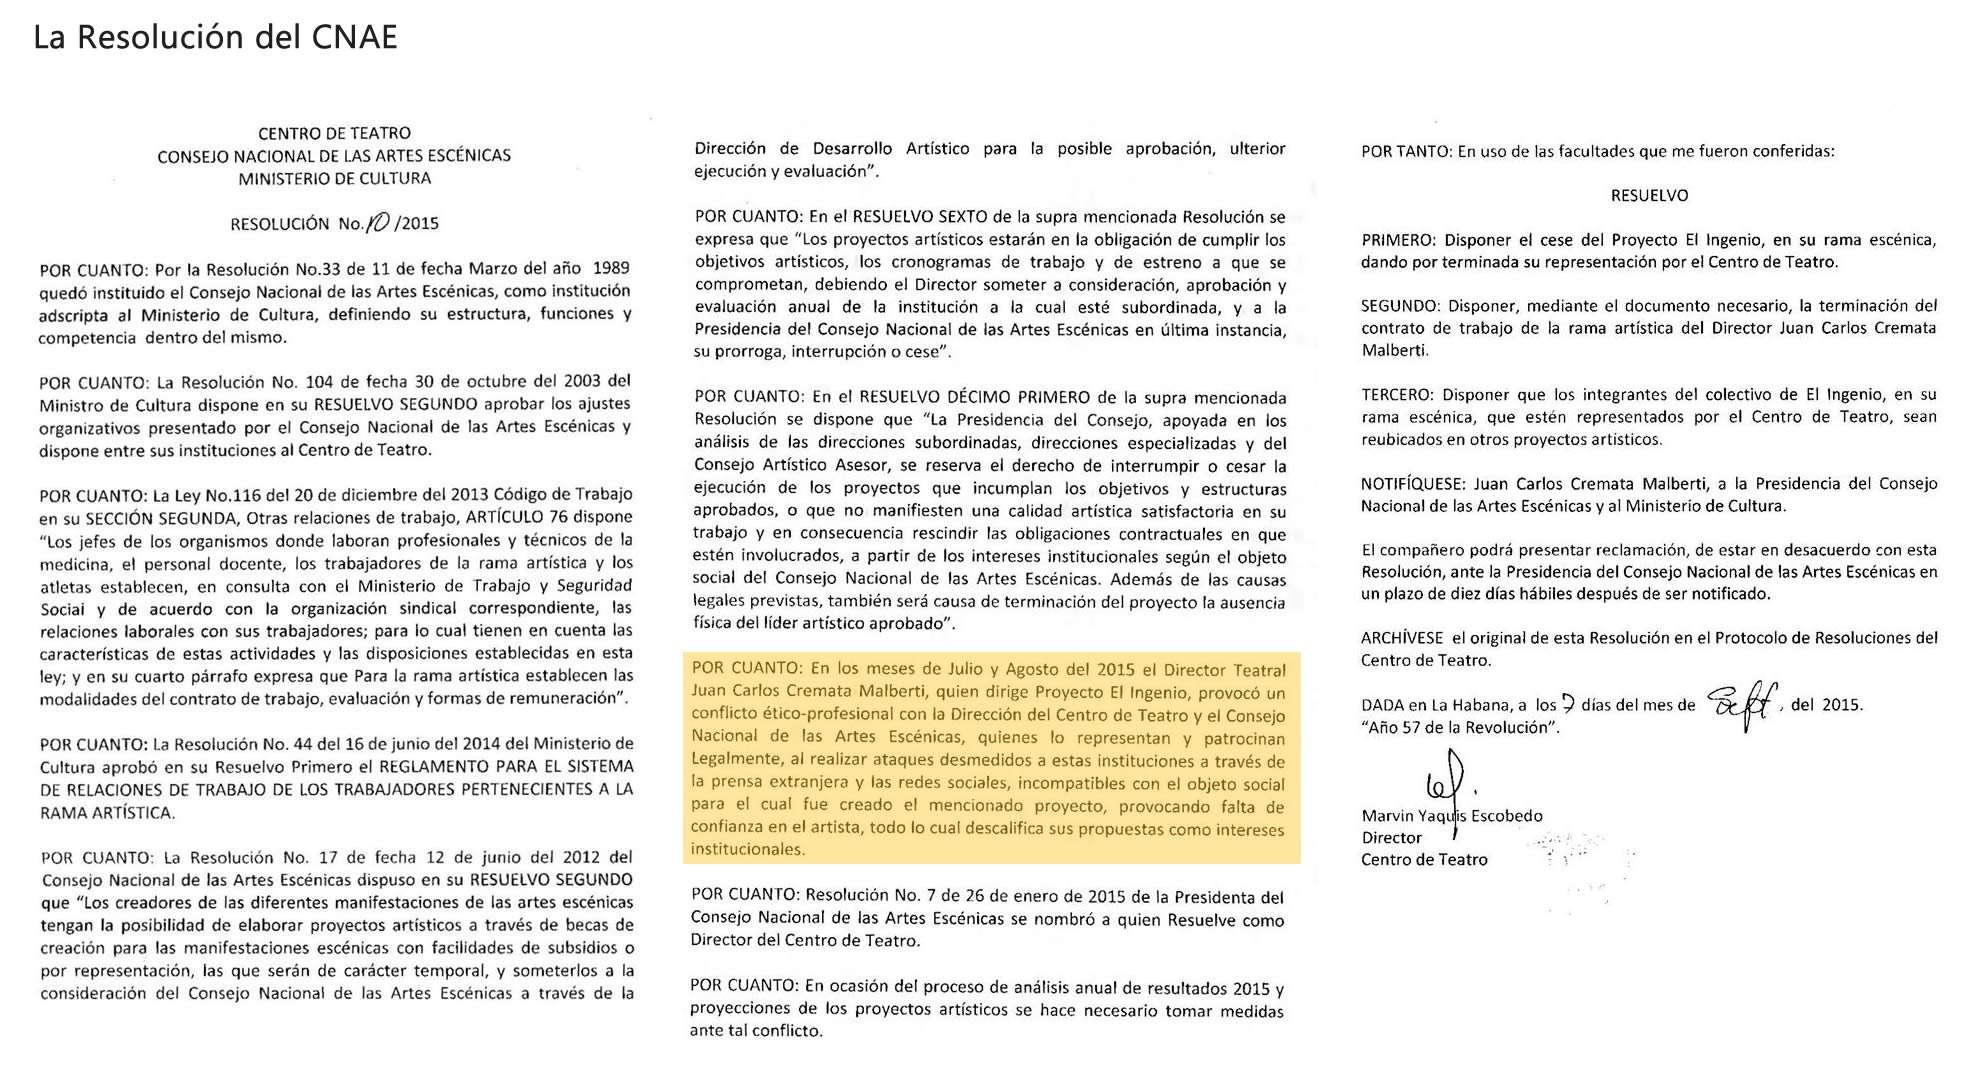 La resolución del CNAE